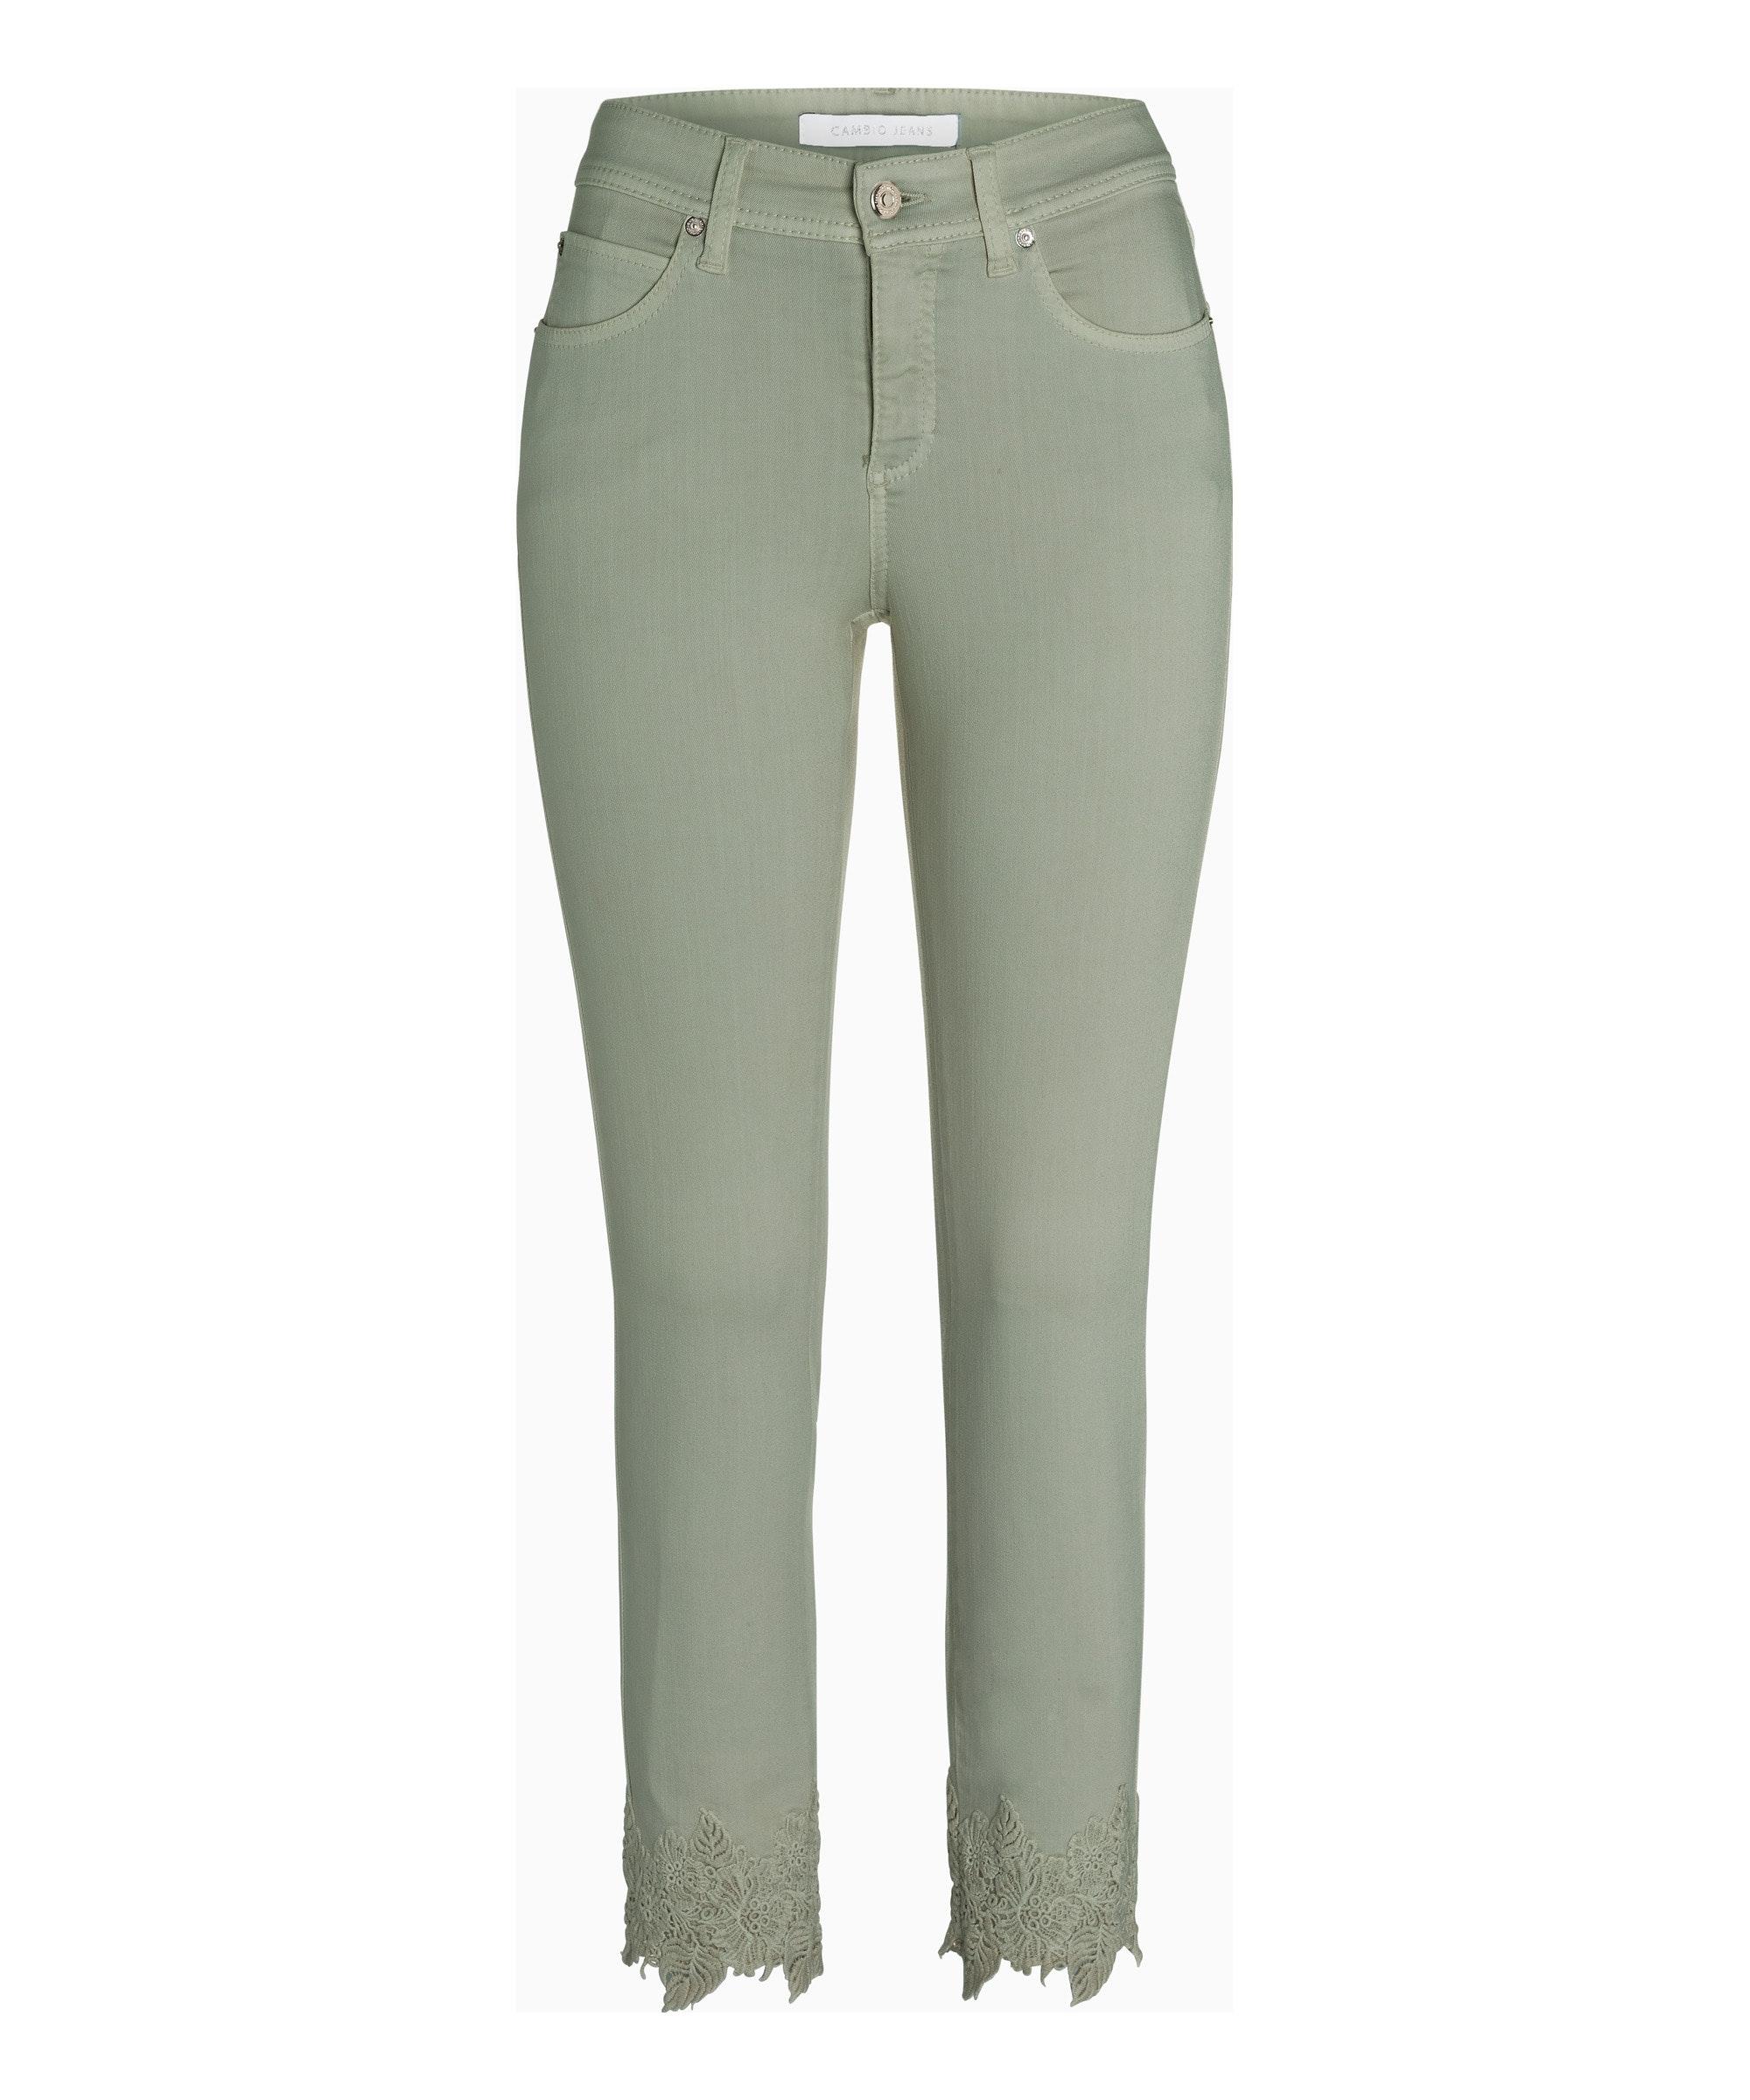 Cambio Jeans Parla OLIVE CREAM